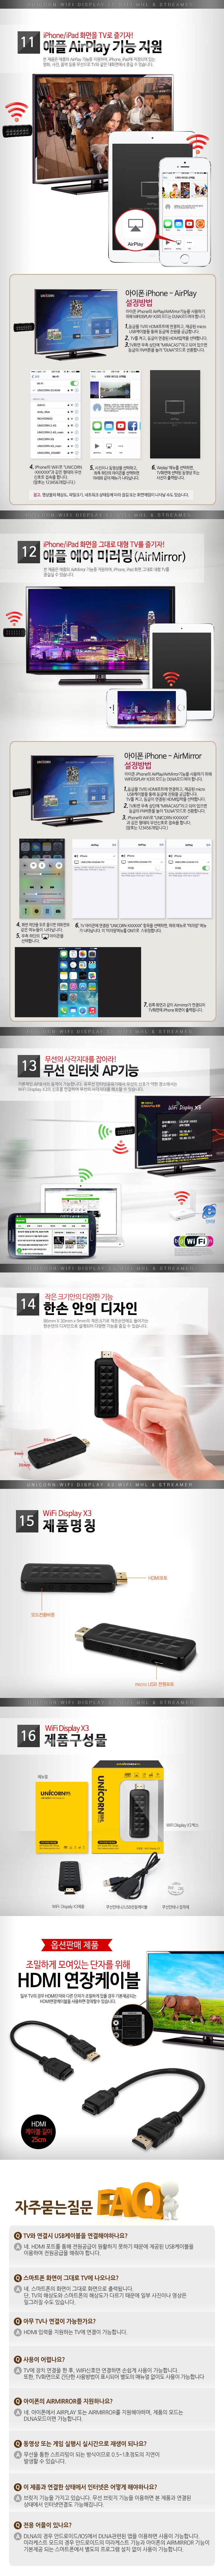 wifidisplayx3_02.jpg